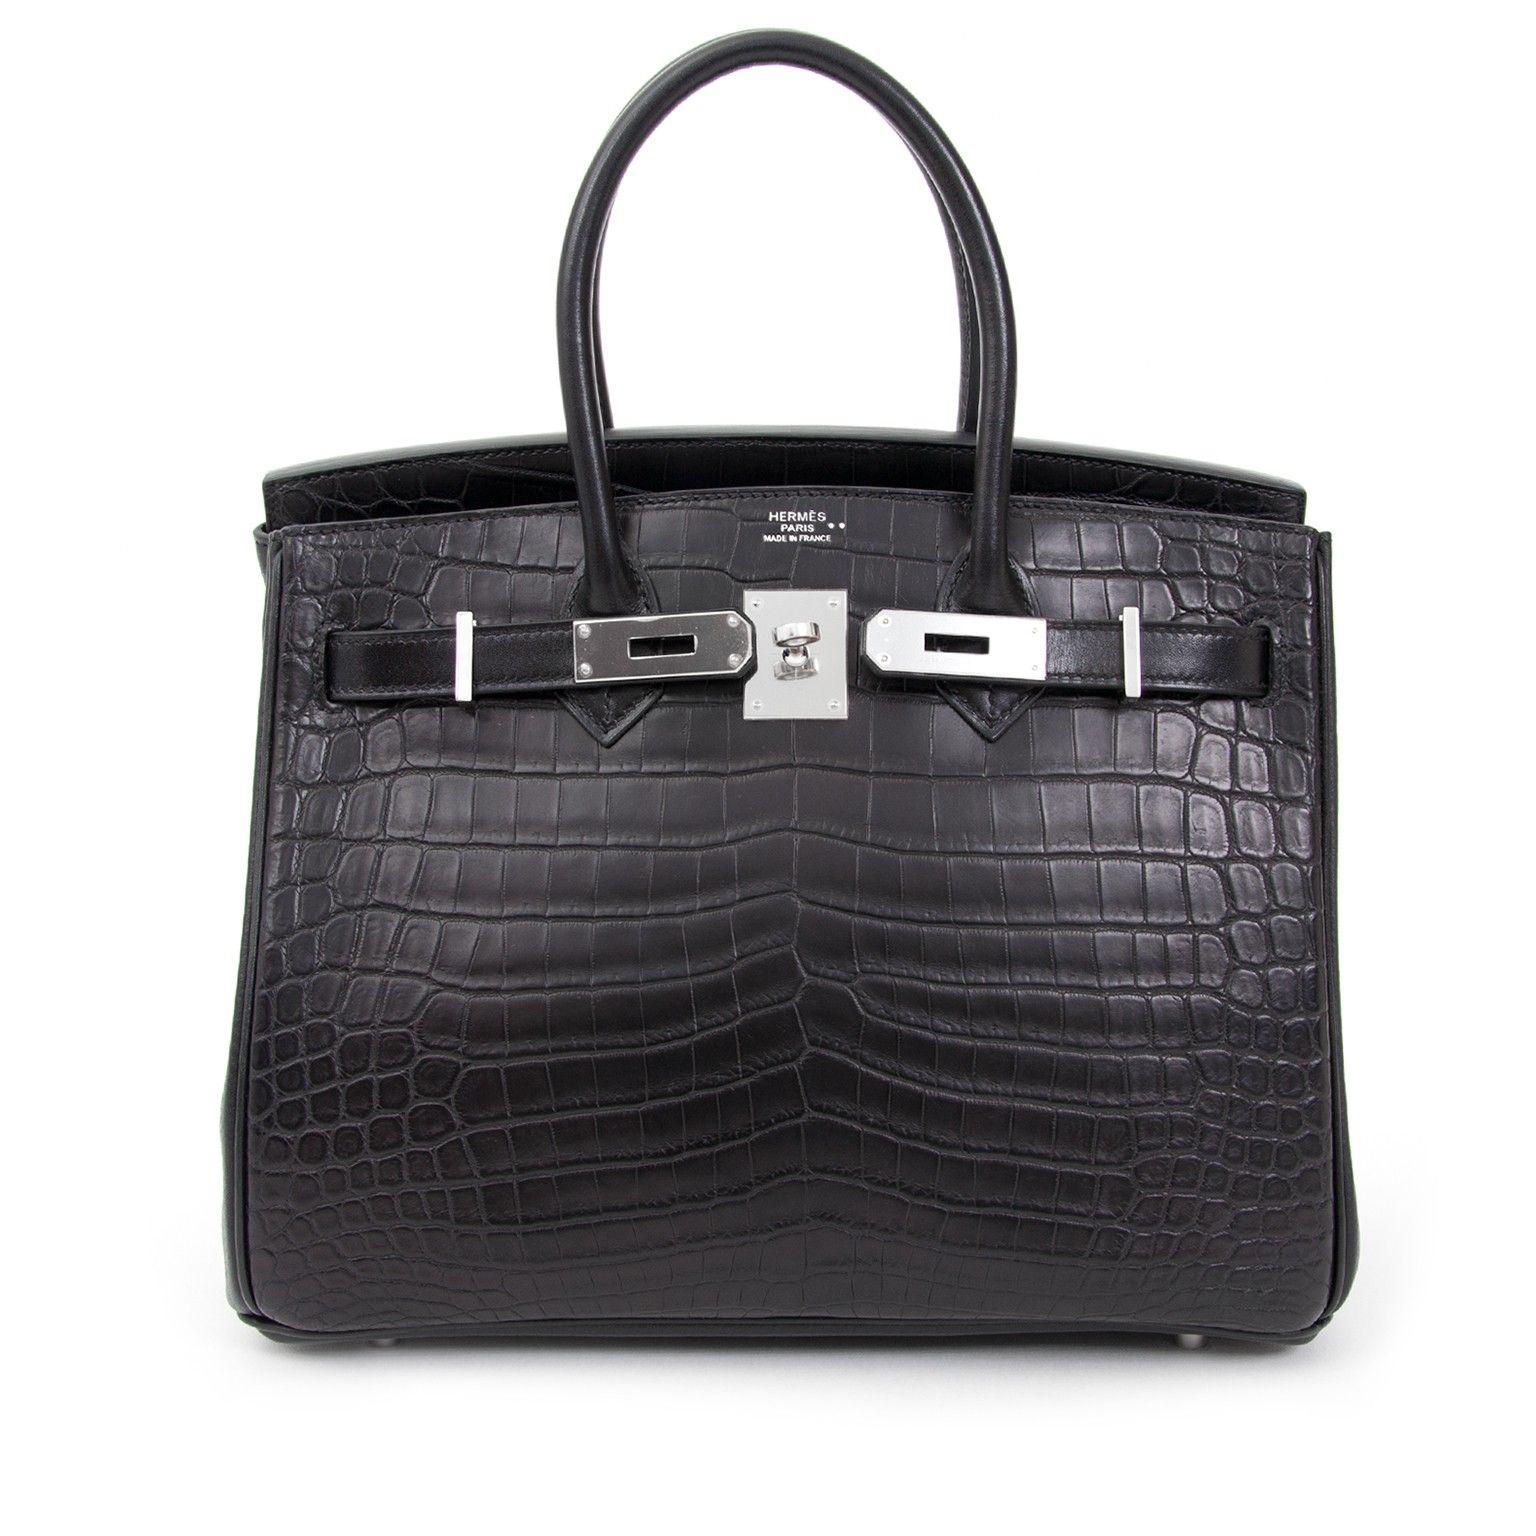 Hermes Croc Kelly Bag Price